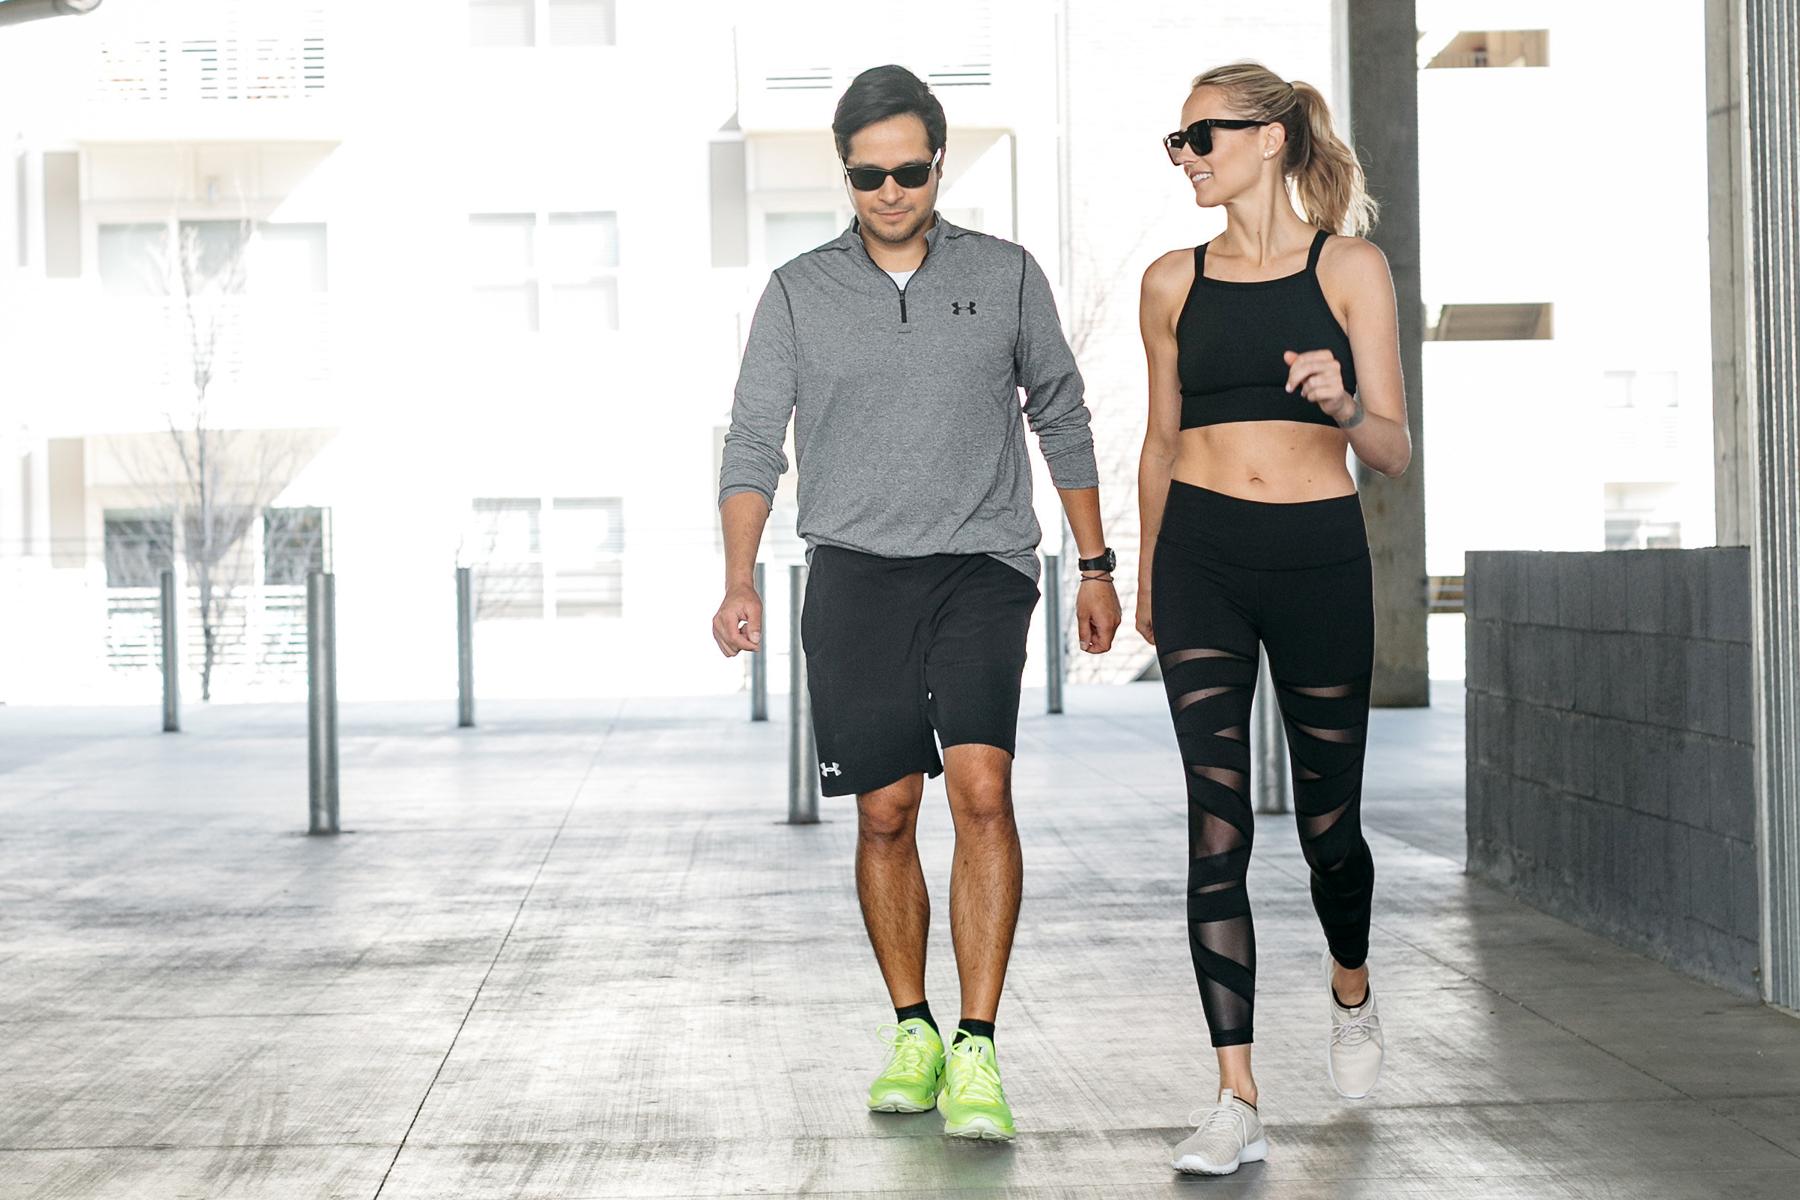 Nordstrom Men's Active, Under Armour, Nike, Nordstrom Women's Active, Zella, Nike